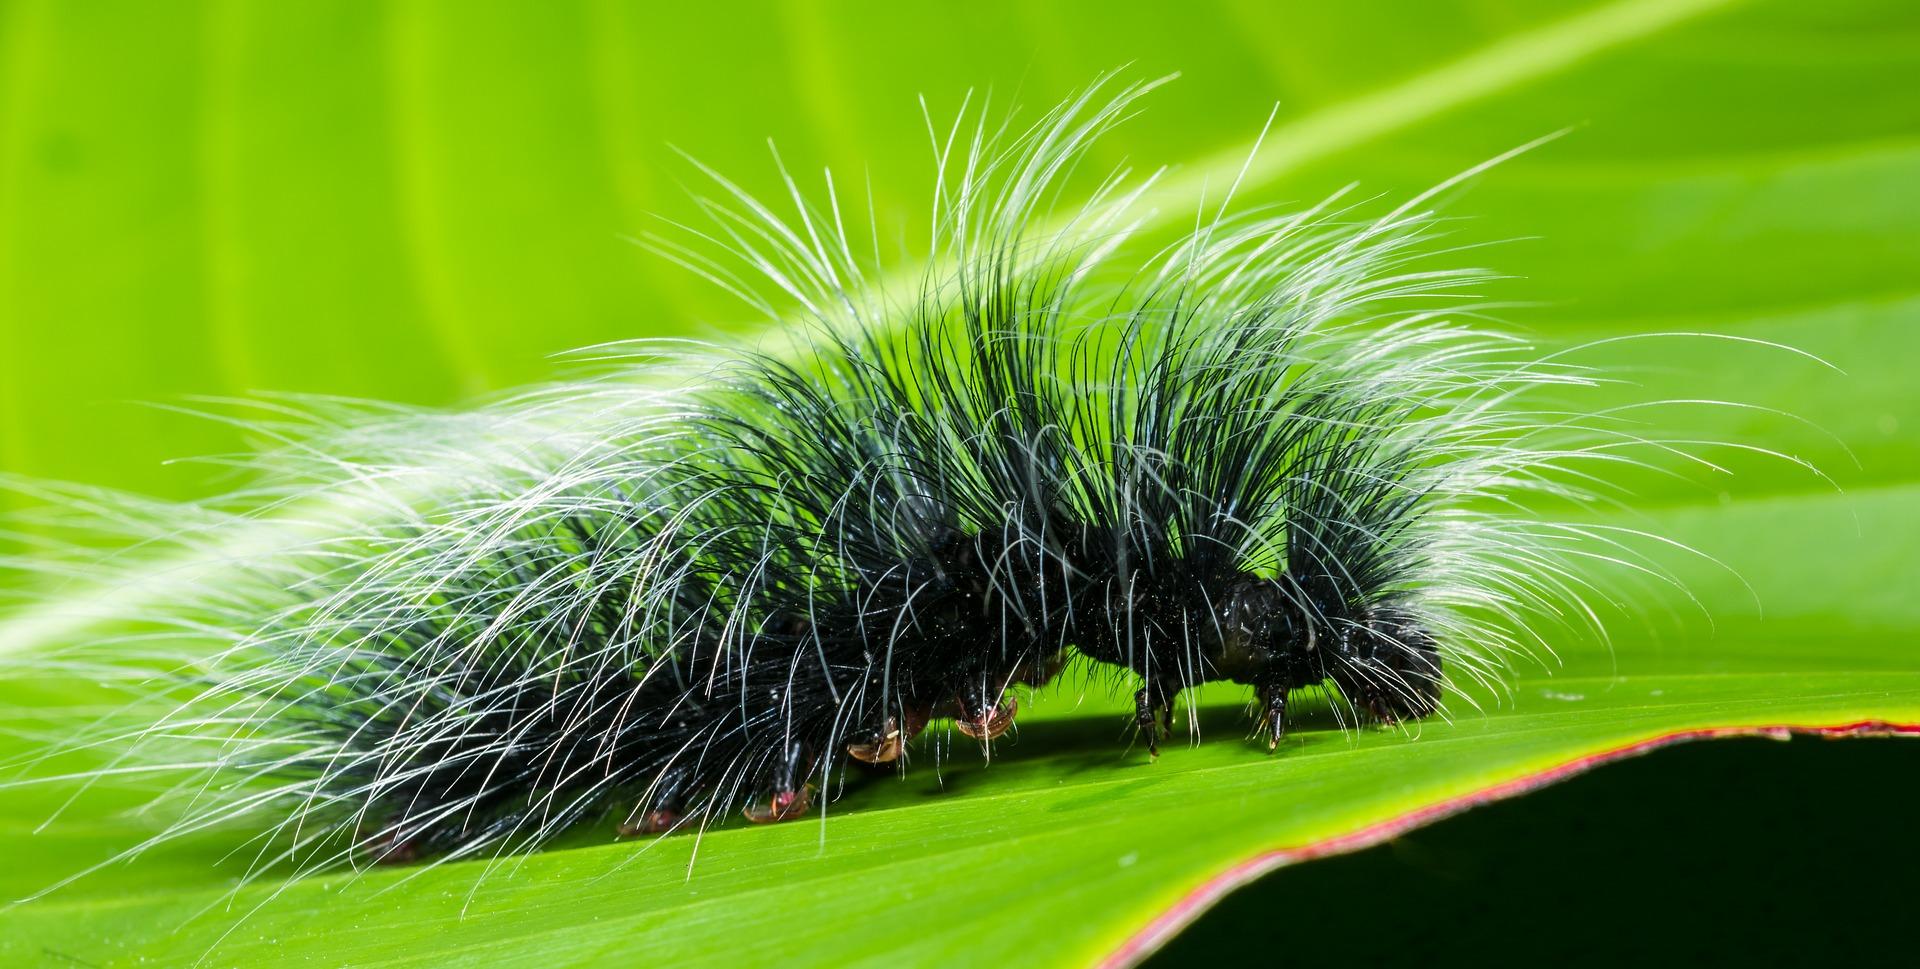 caterpillar-399156_1920